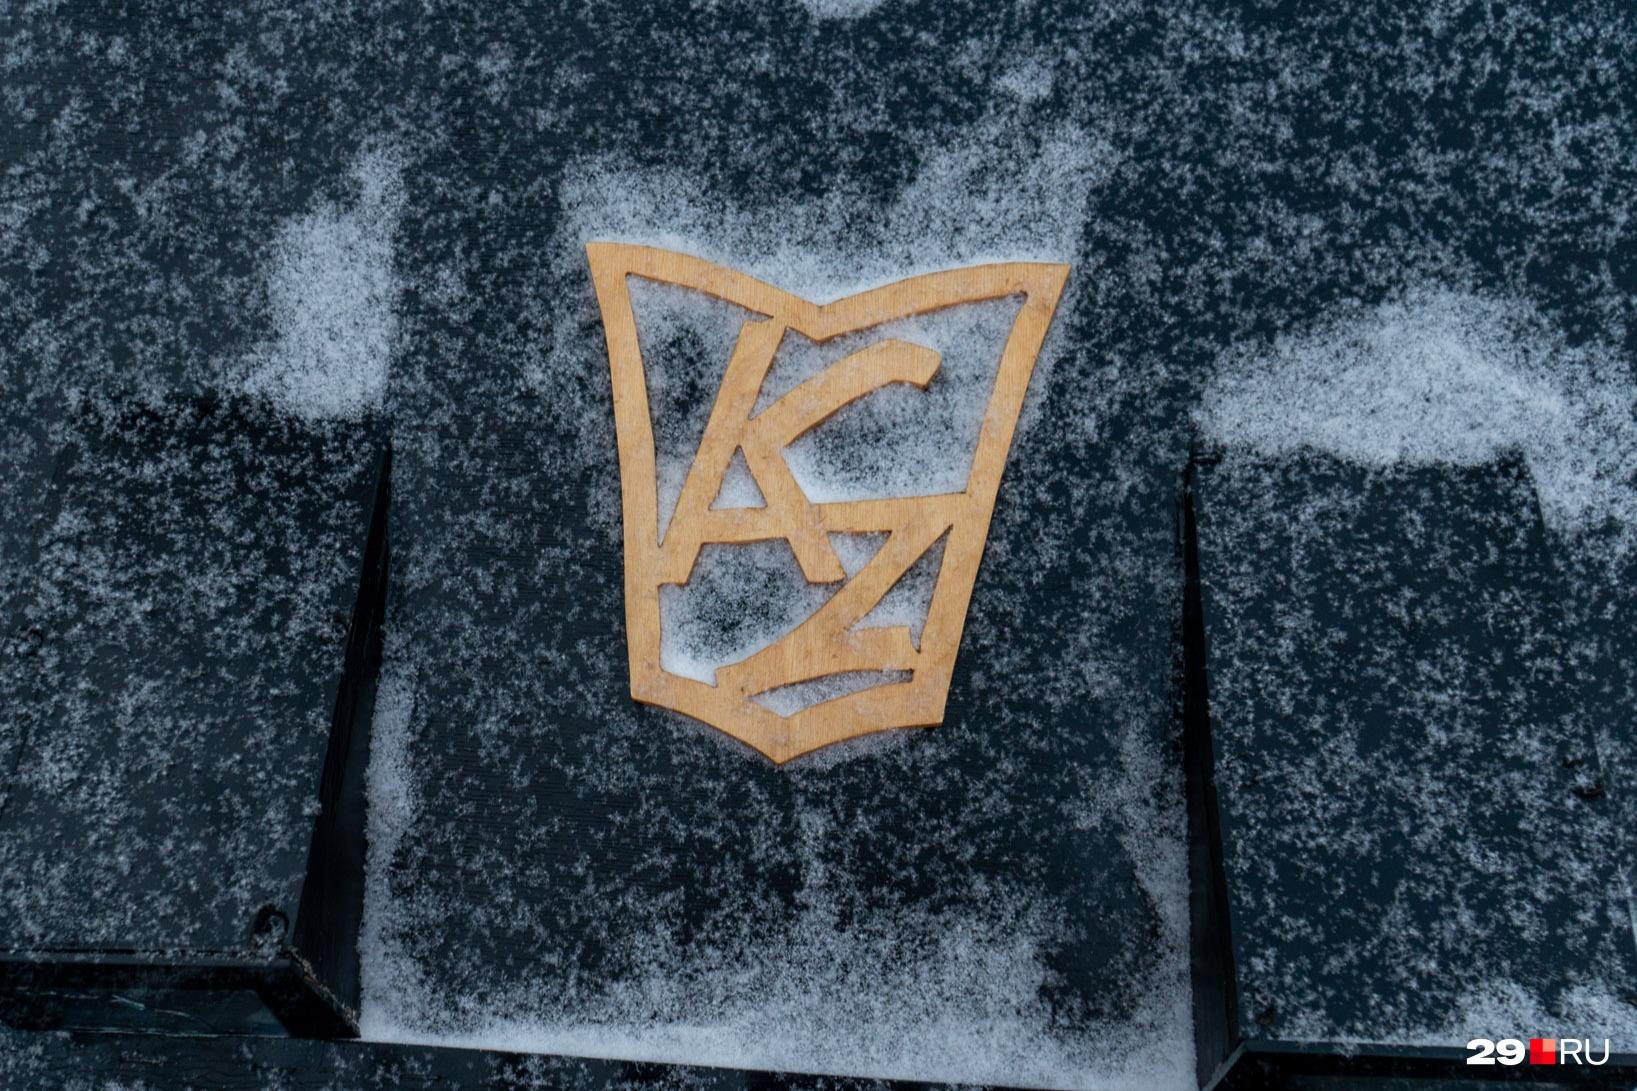 Логотип для машины Антона и Андрея создал их друг